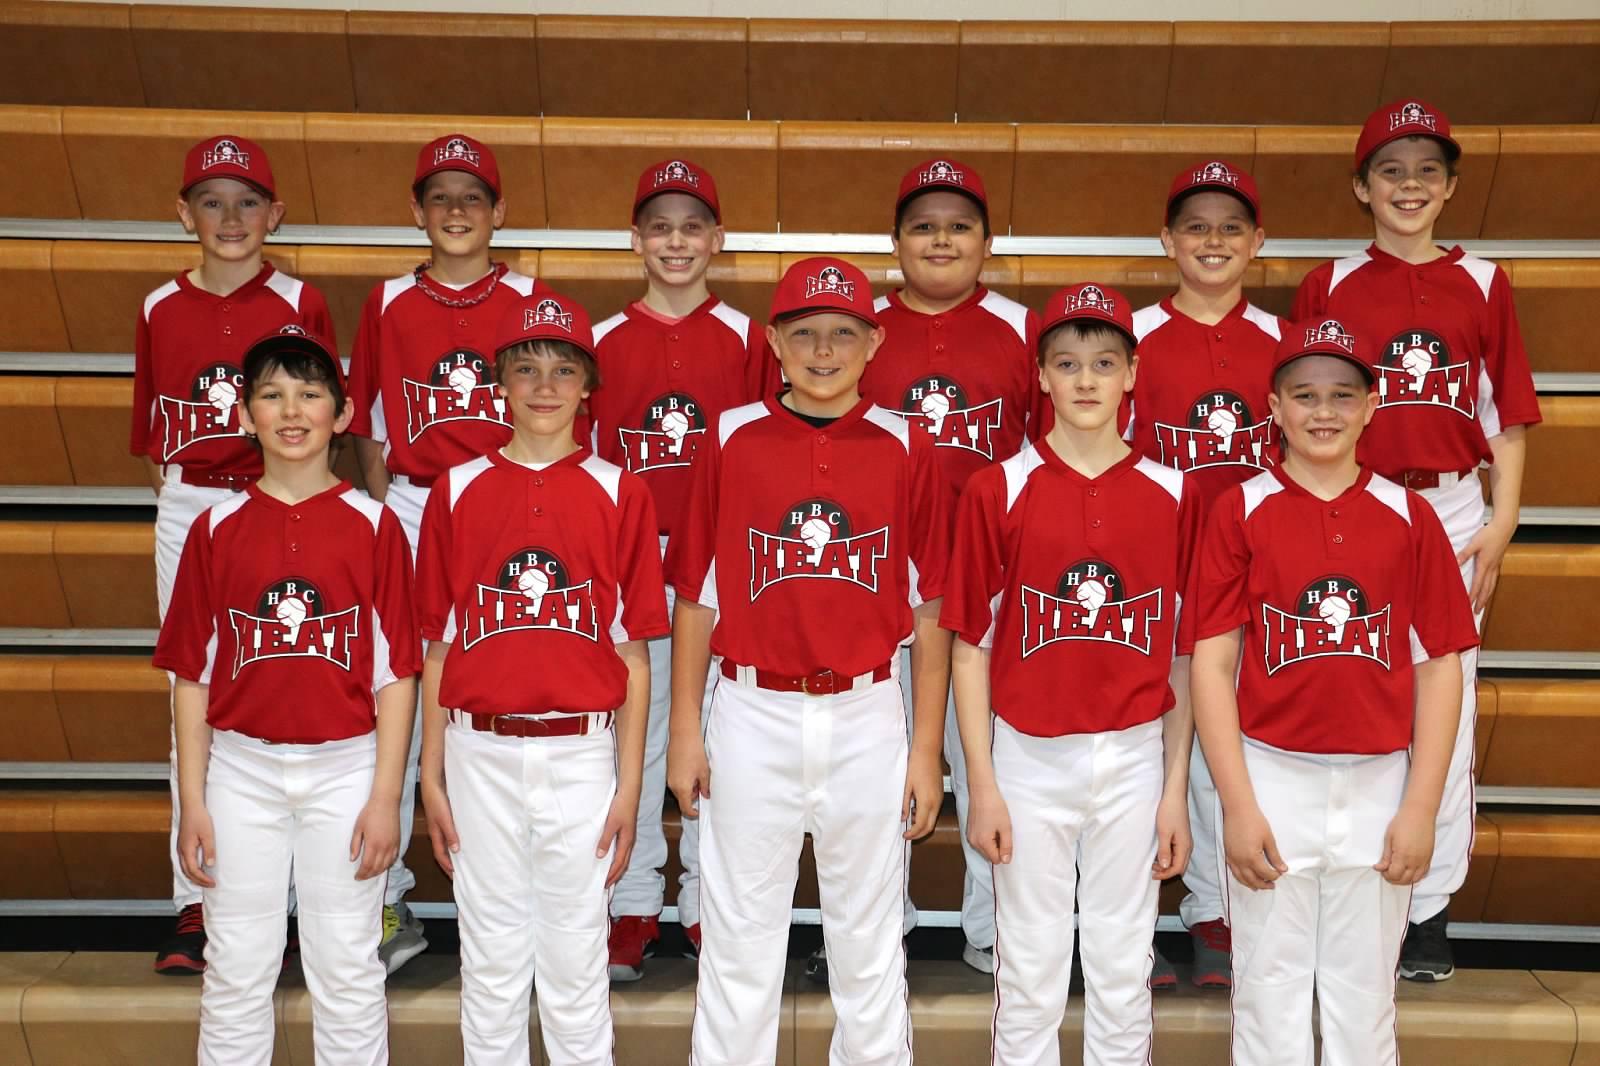 USSSA Baseball / ISTS Sports Statistics: http://usssa.com/sports/tournament3.asp?tournamentid=1051951